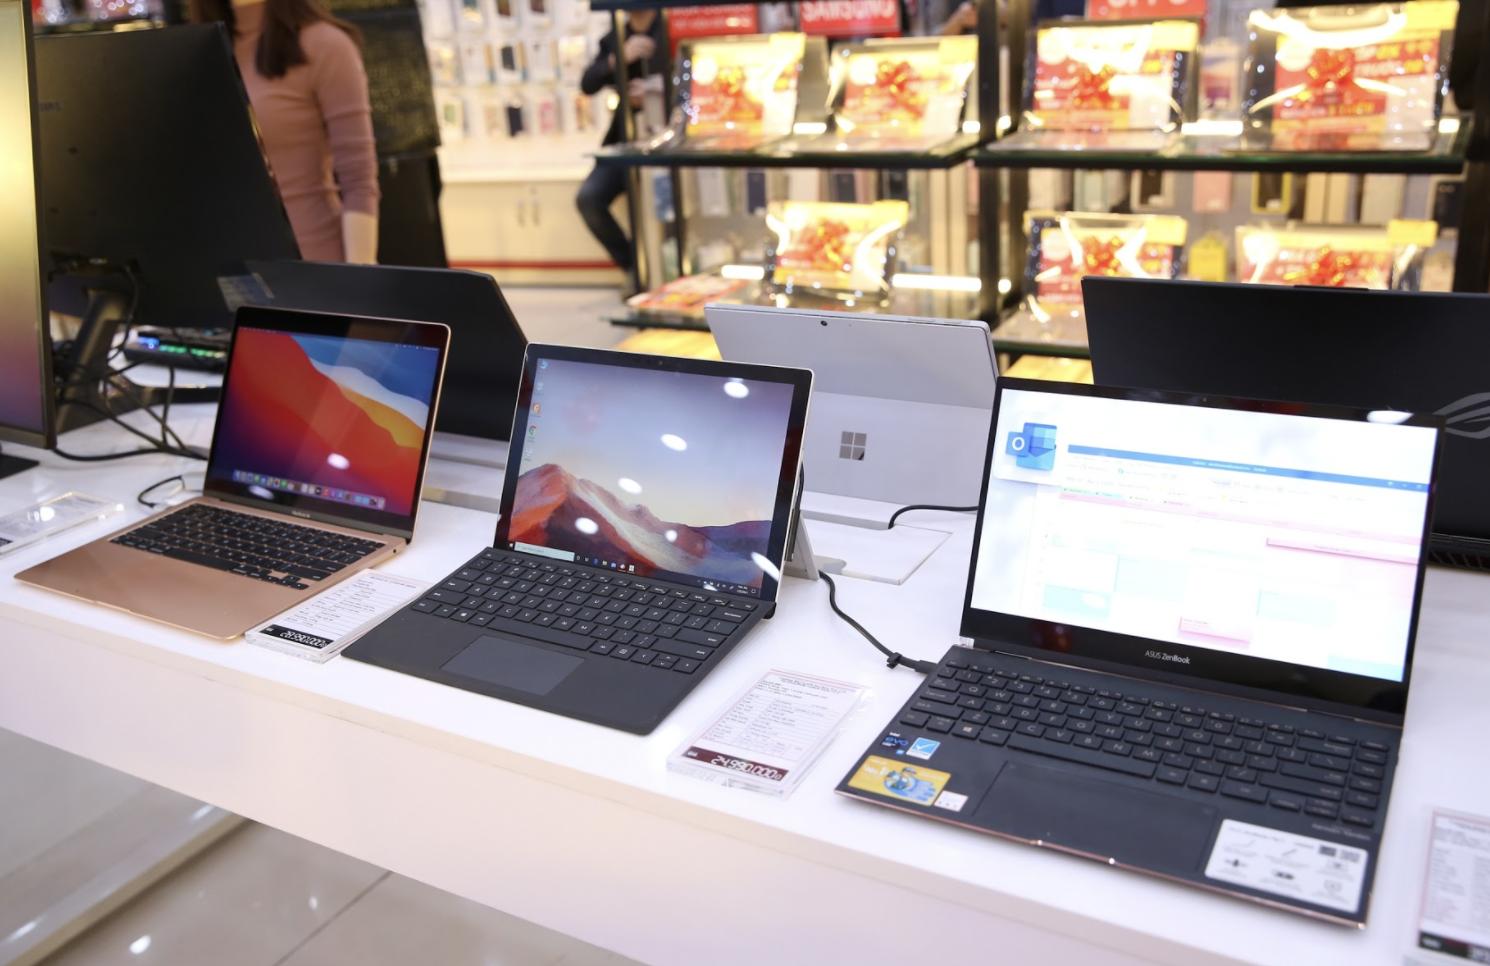 FPT Shop chiếm 31% thị phần bán lẻ laptop tại Việt Nam